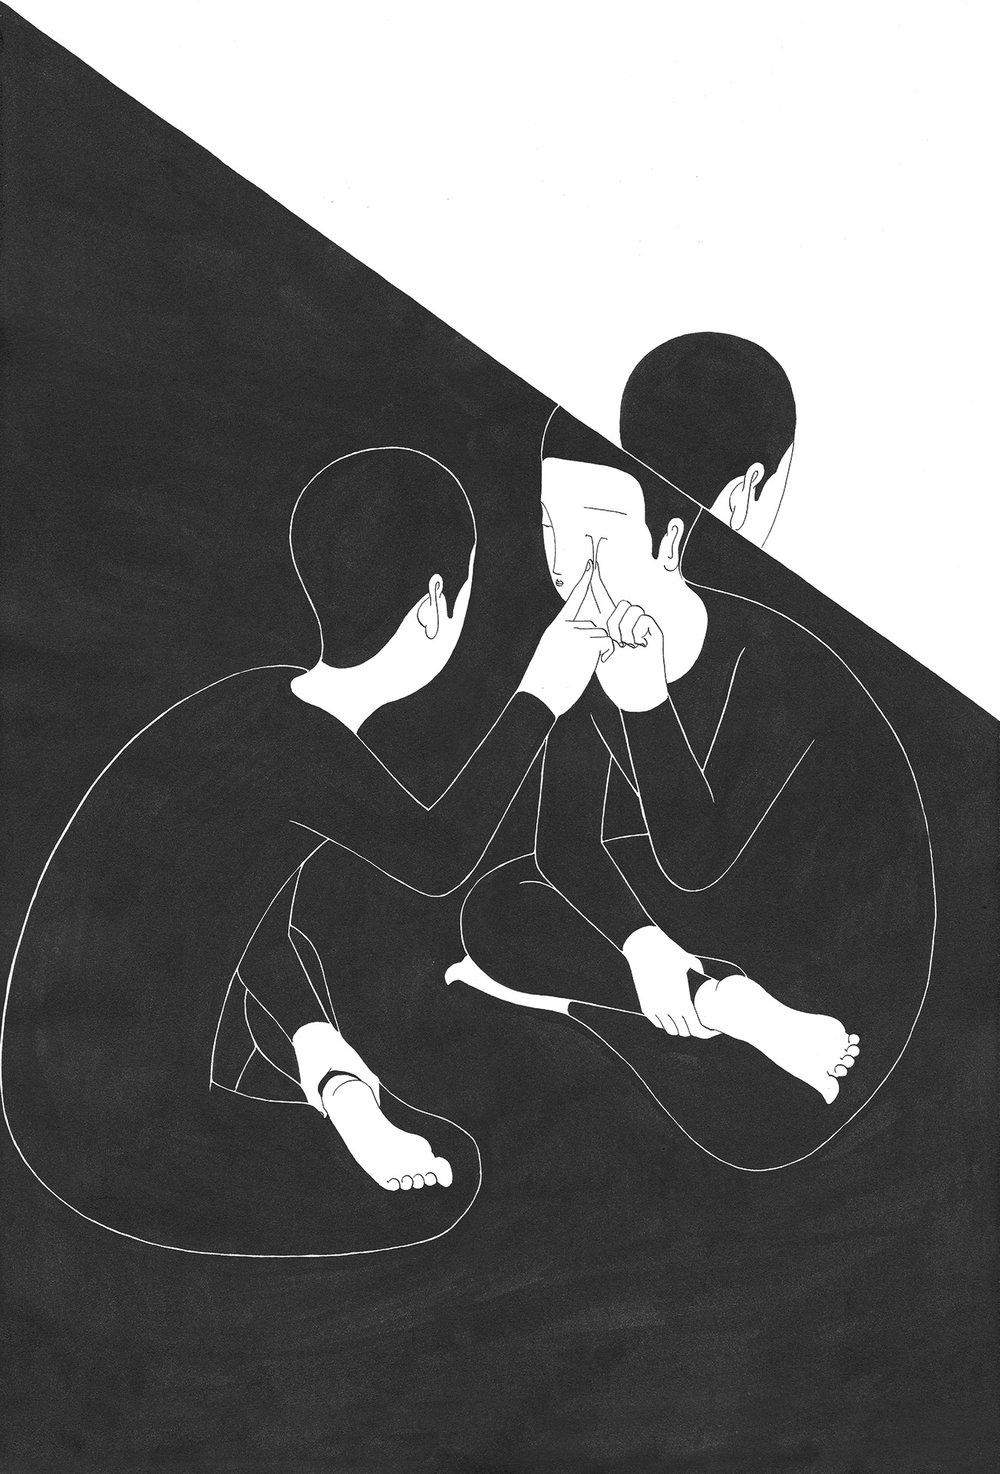 위로의 이면 / Oblique sympathy Op.0151C -38 x 56 cm,종이에 잉크 / Ink on paper, 2017 Commissioned by Minumsa